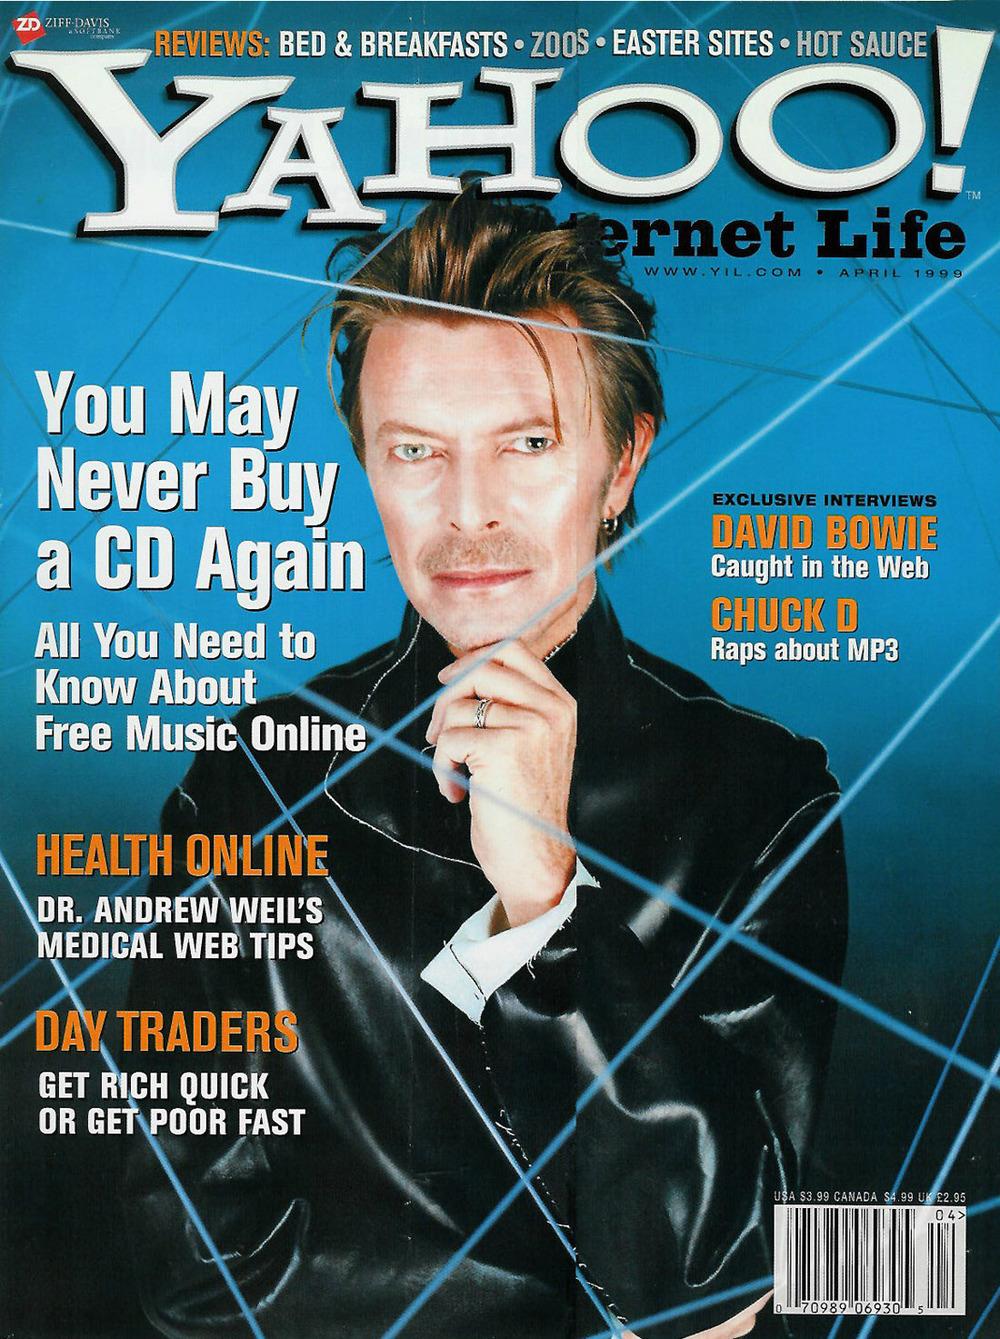 YHOO_Bowie.jpg